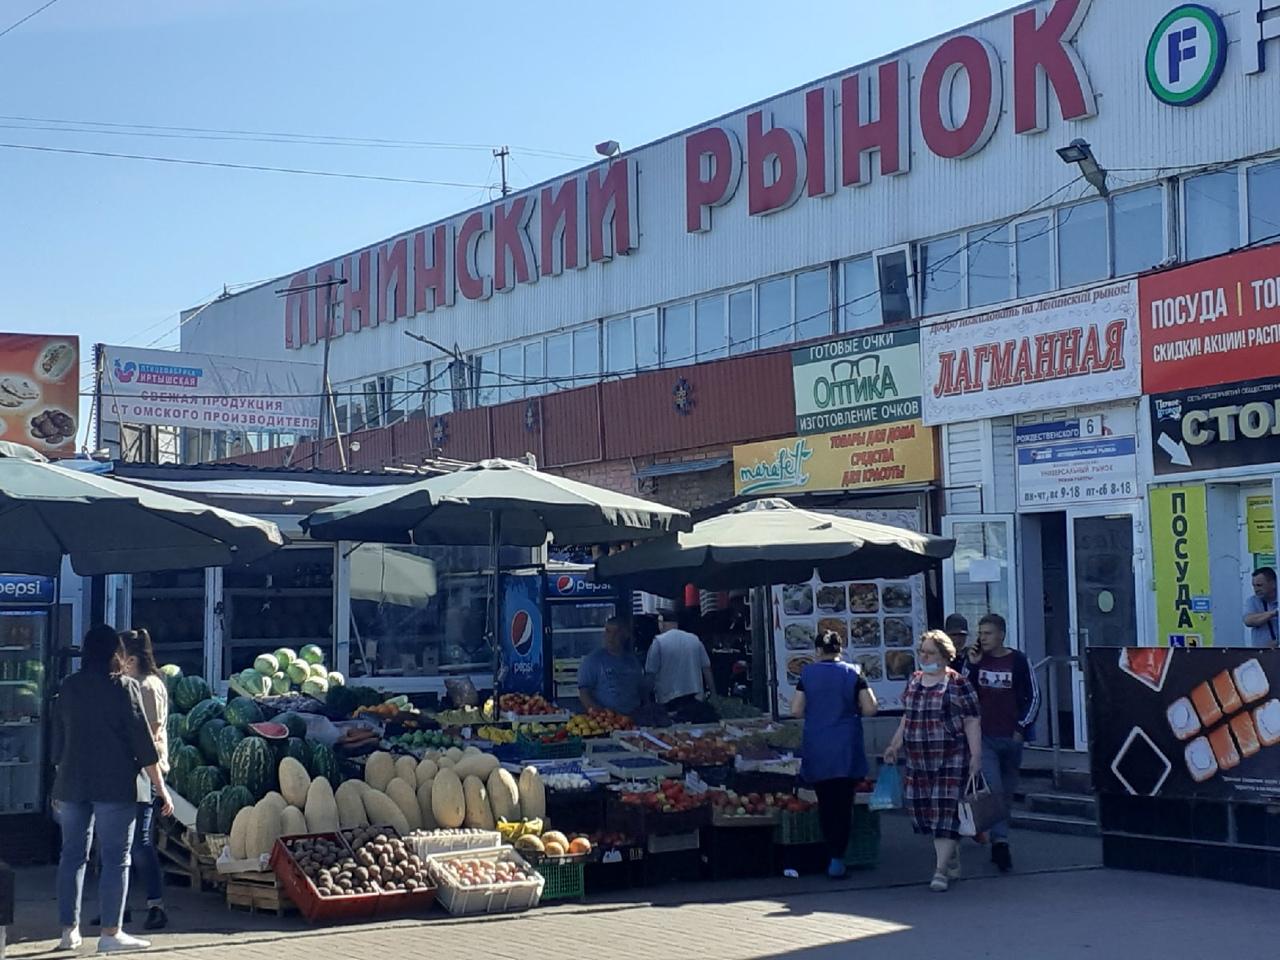 Омичи до сих пор ходят на рынки, хотя в городе полно магазинов #Омск #Общество #Сегодня